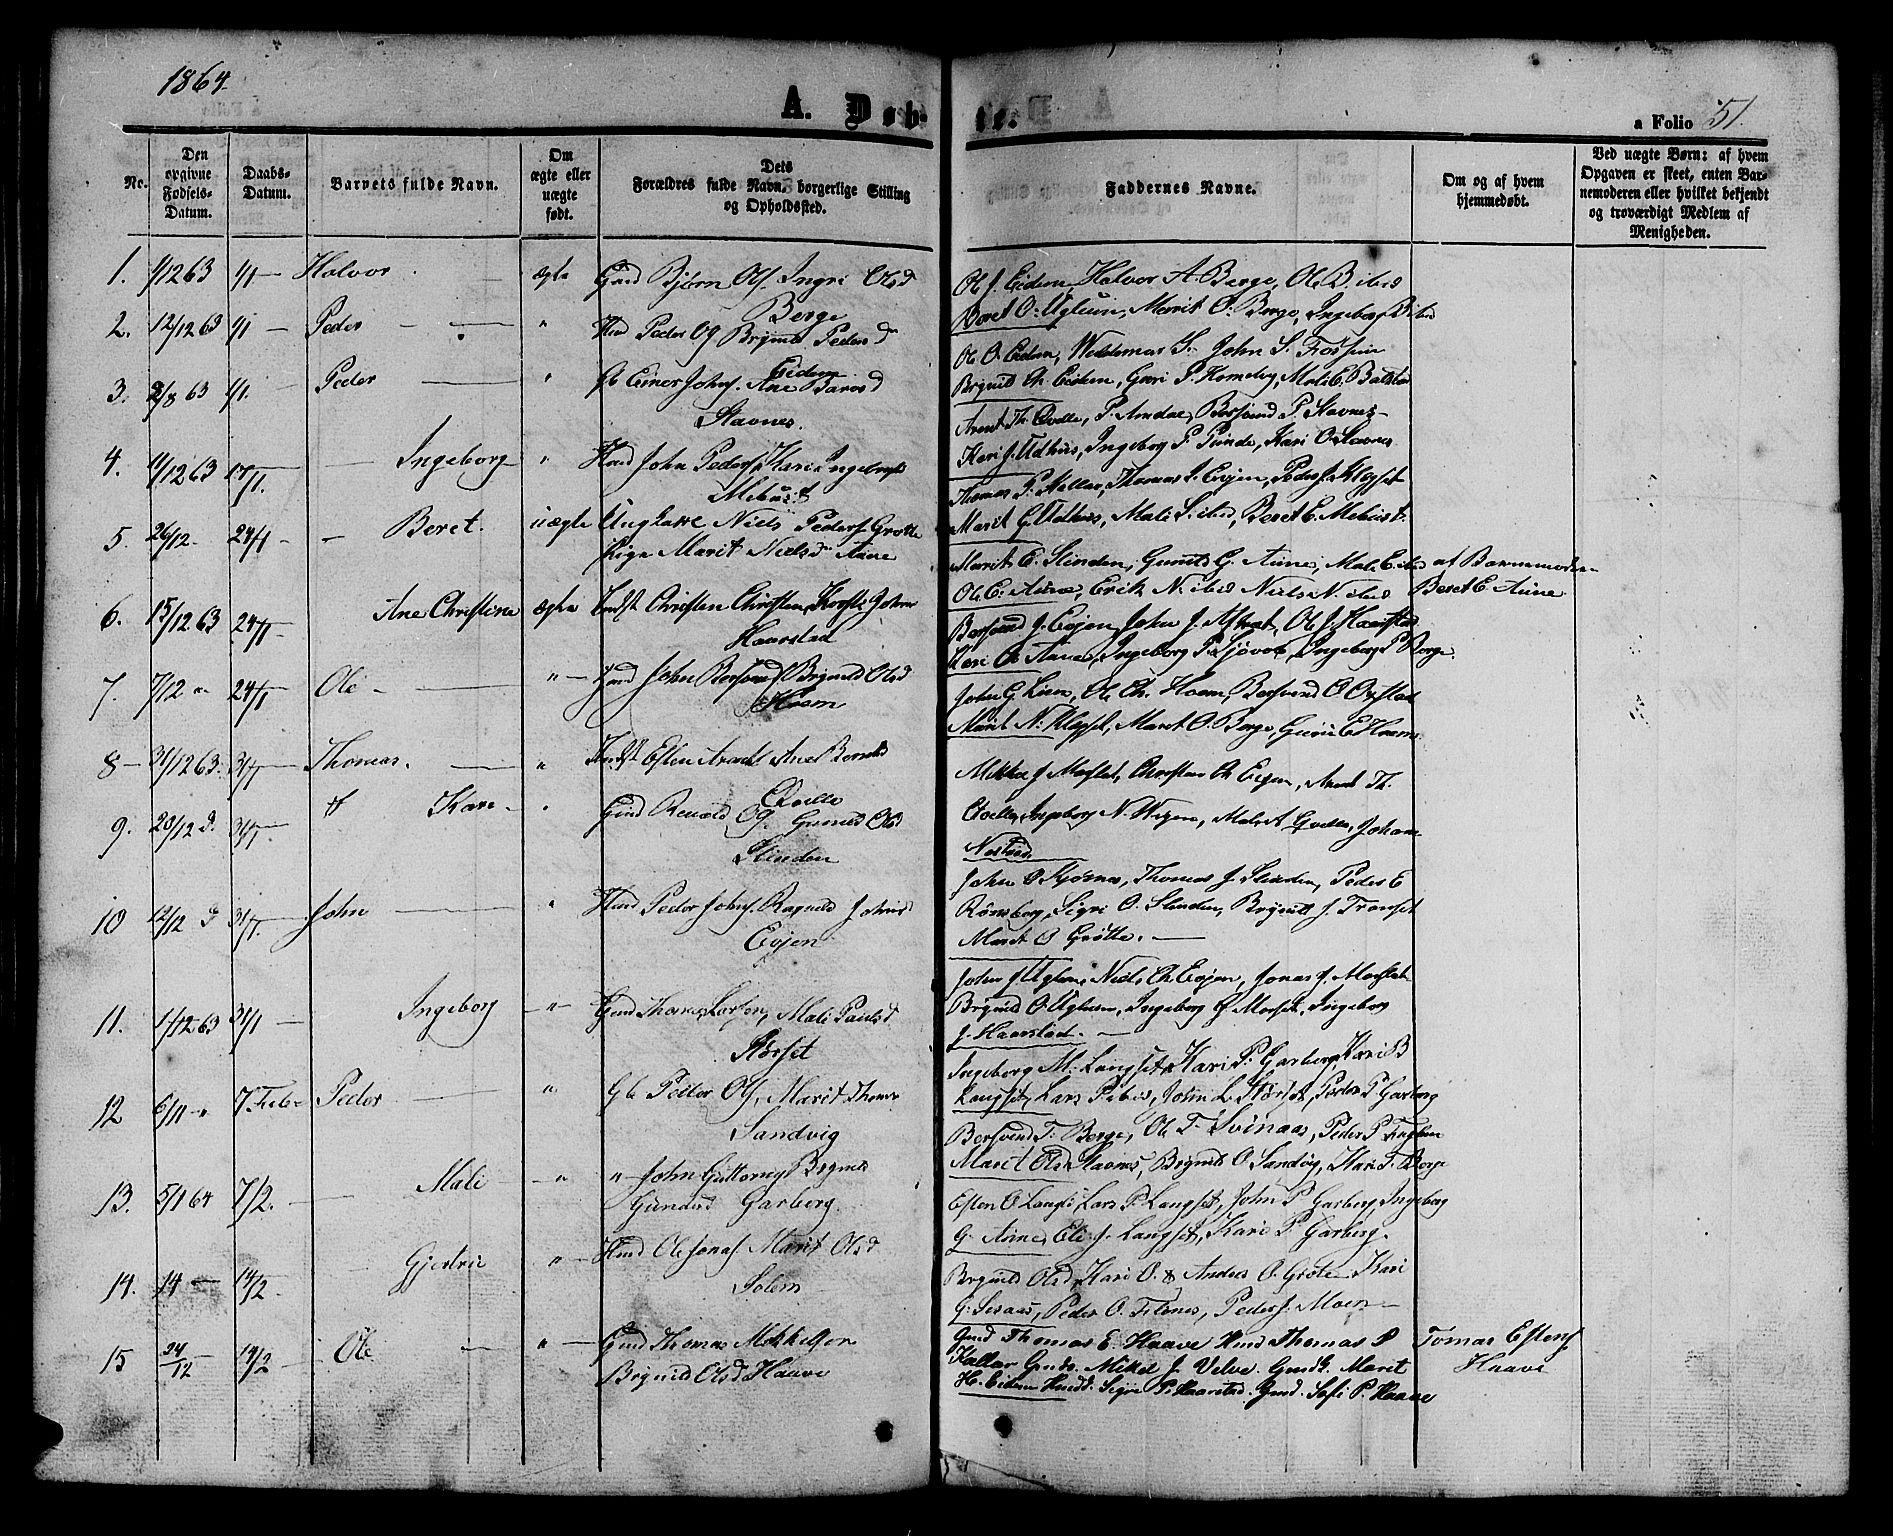 SAT, Ministerialprotokoller, klokkerbøker og fødselsregistre - Sør-Trøndelag, 695/L1155: Klokkerbok nr. 695C06, 1859-1868, s. 51